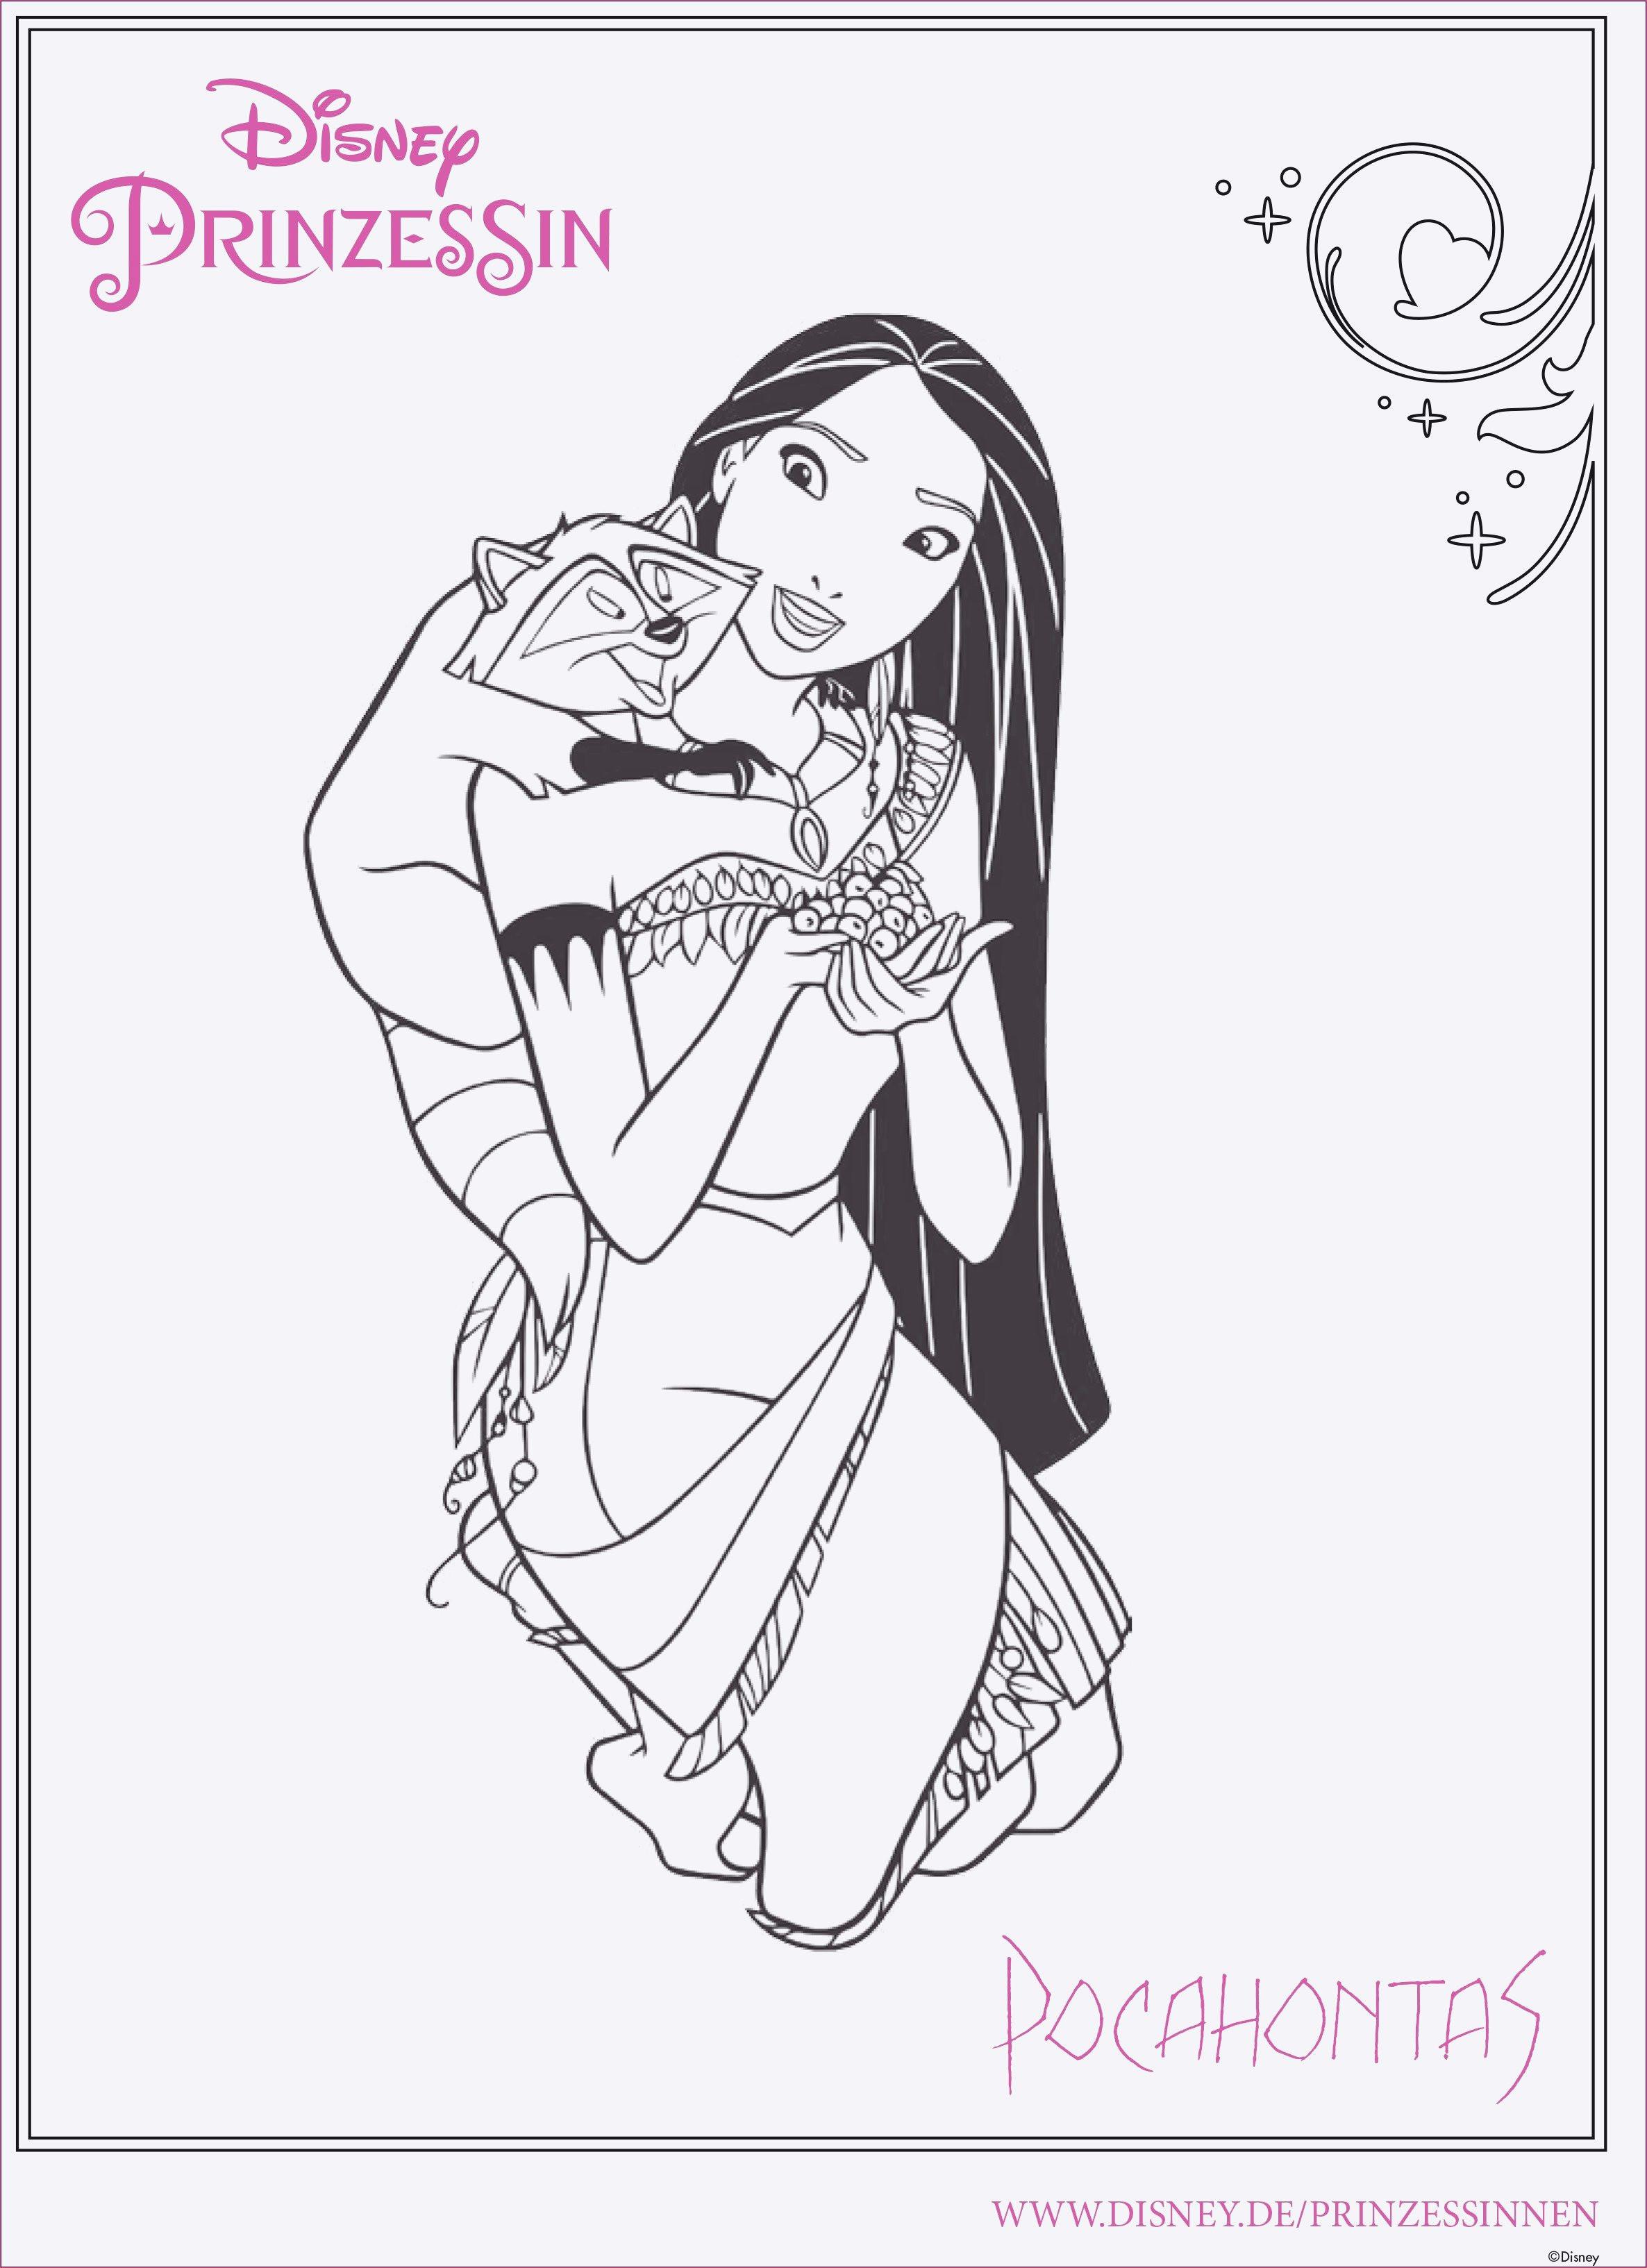 Disney Princess Ausmalbilder Das Beste Von Malvorlagen Gratis Prinzessin Disney Bilder